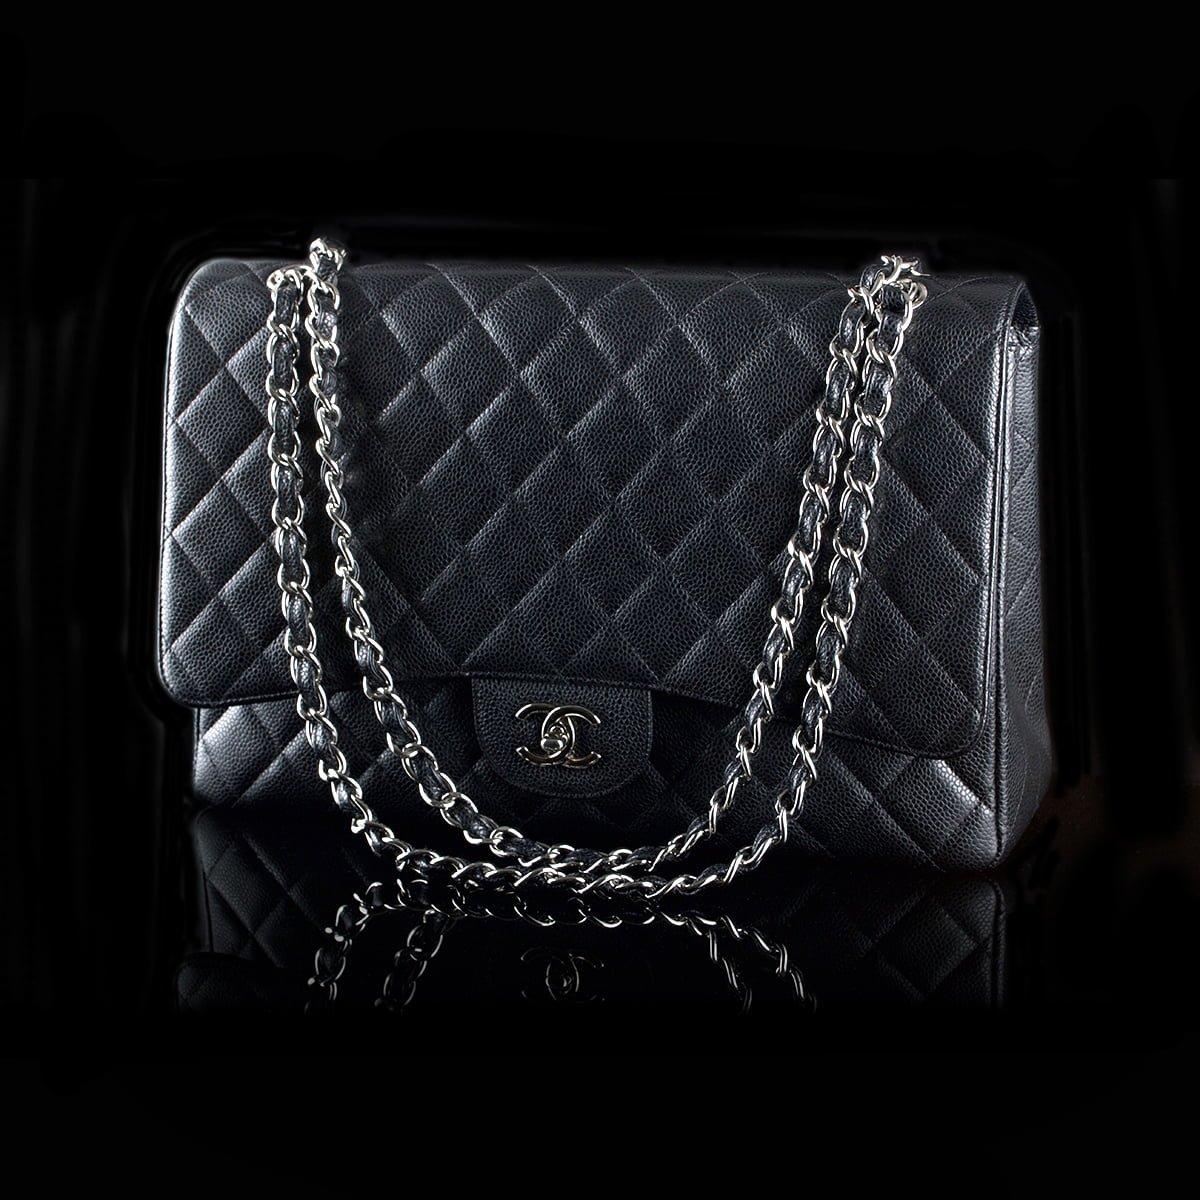 d49e9764 SOLD! Chanel Maxi Black Caviar Skin Palladium Hardware - Classic390